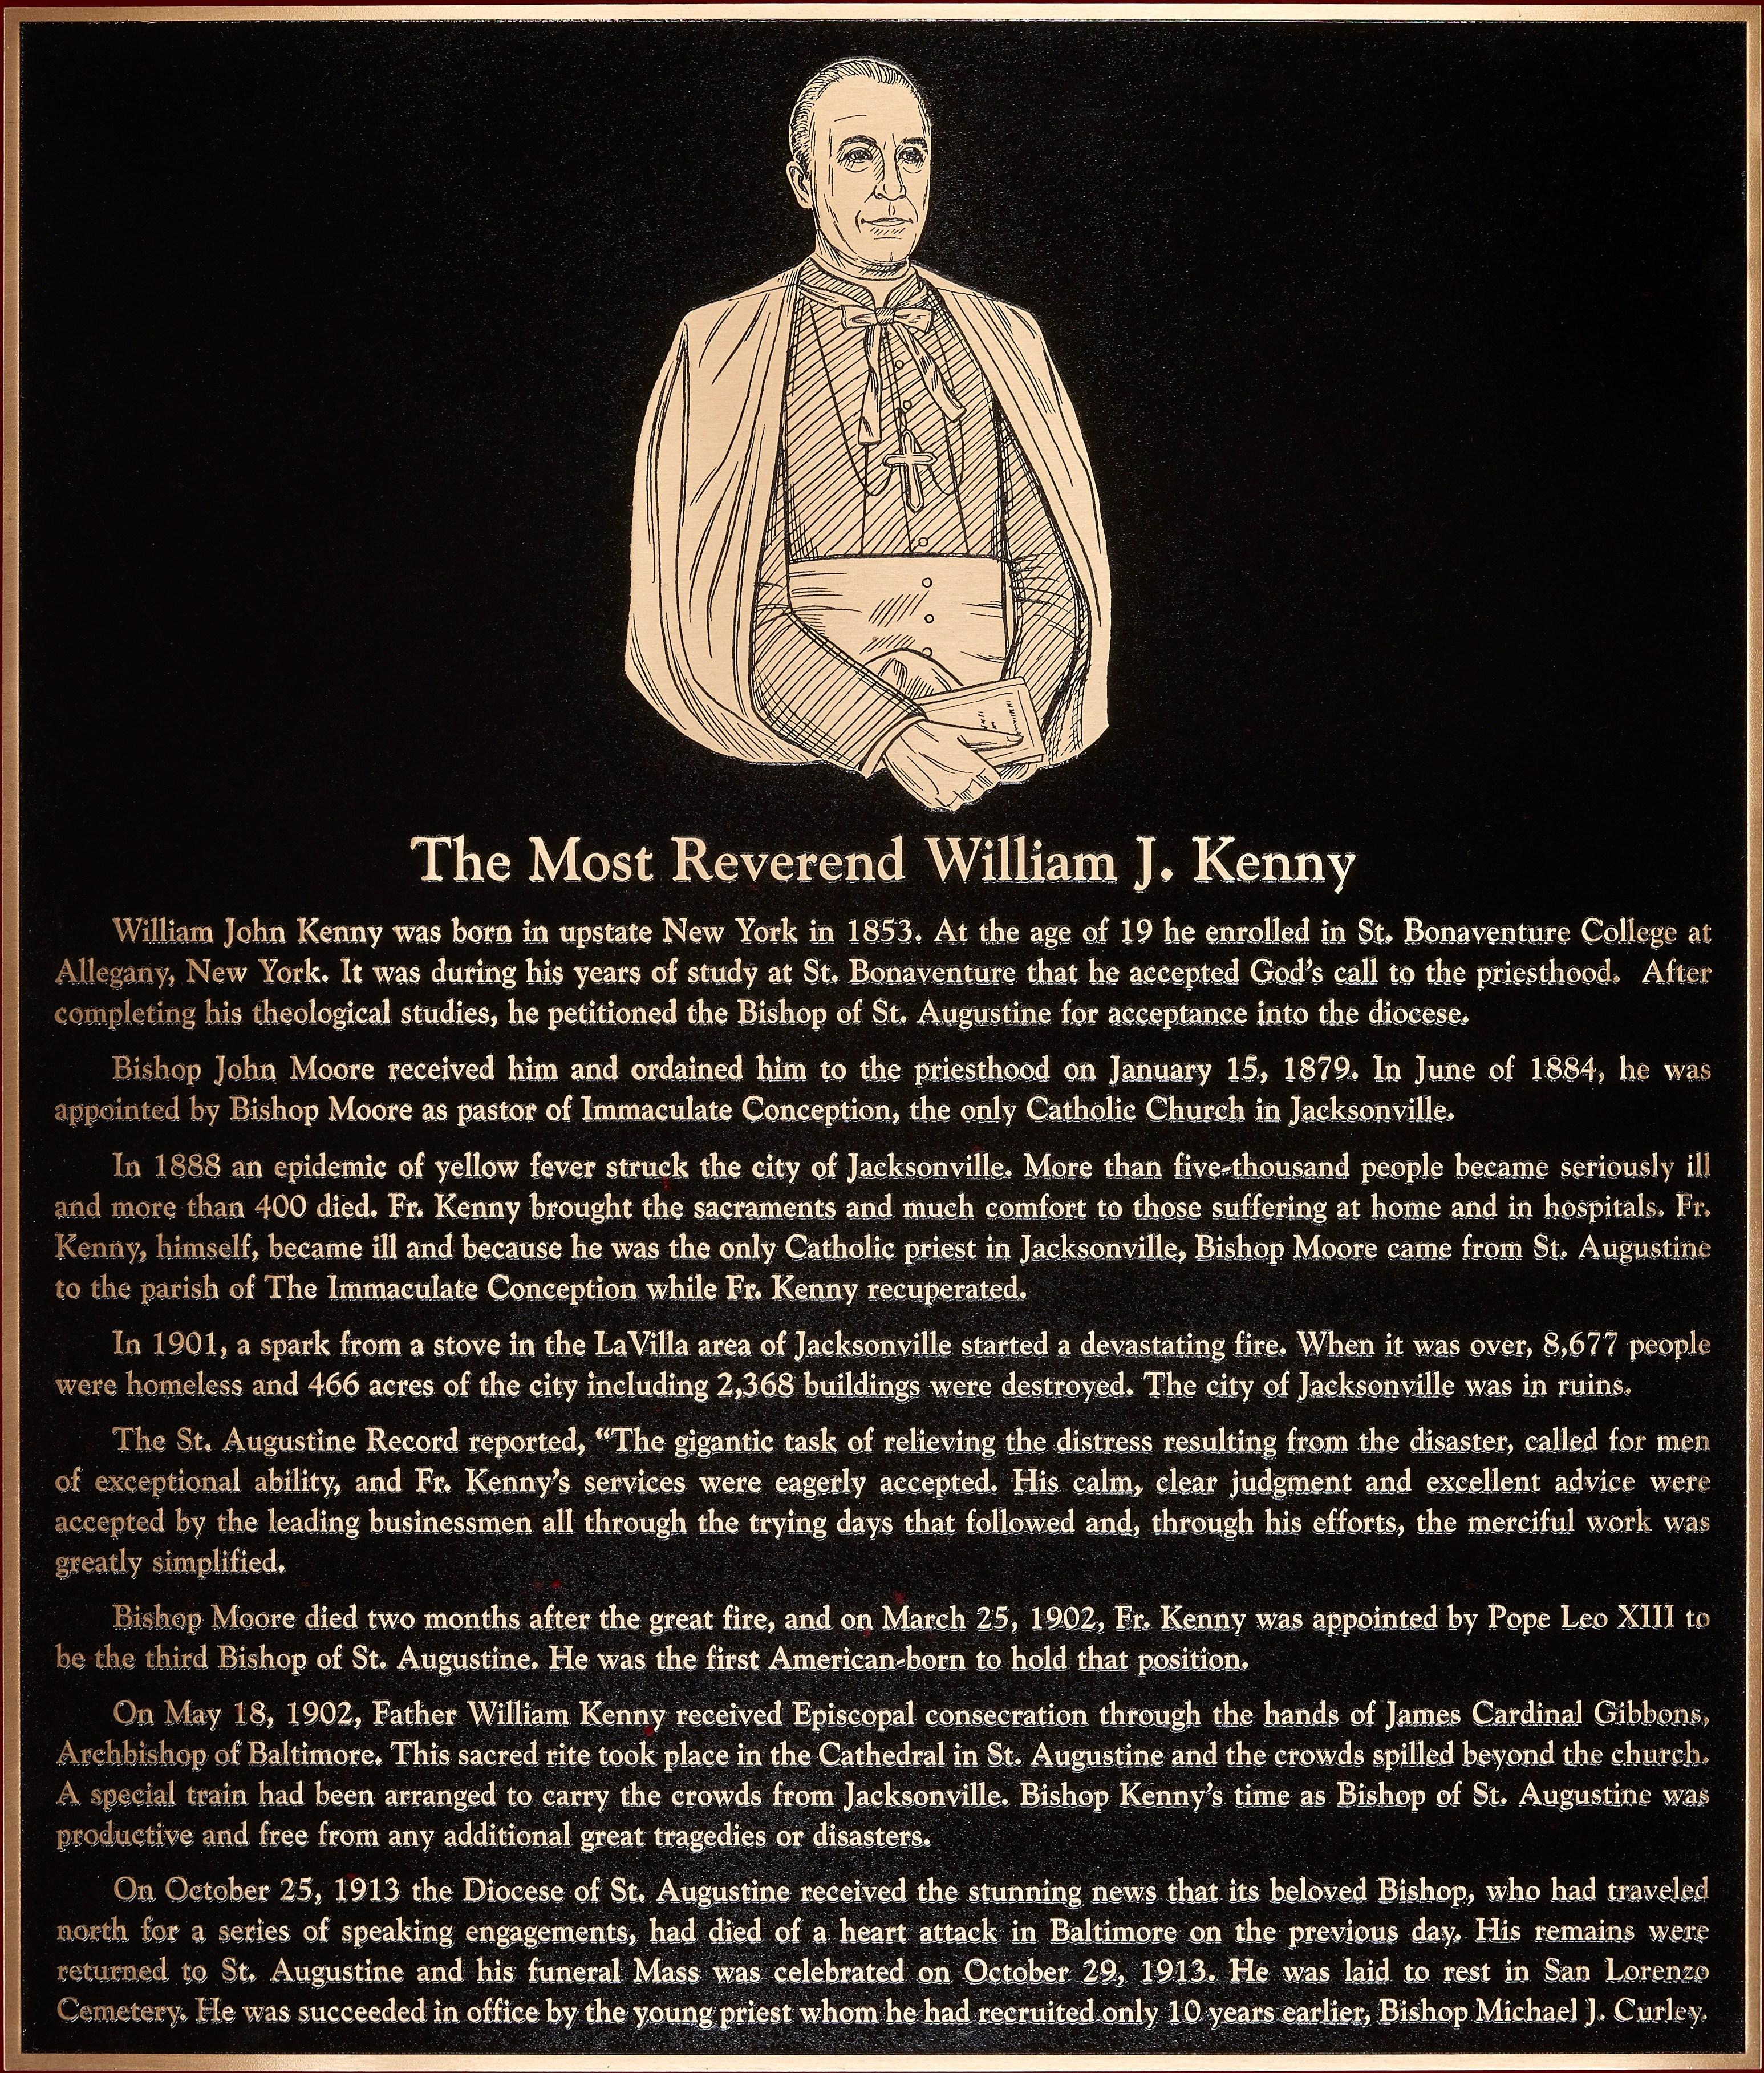 Bishop William J. Kenny